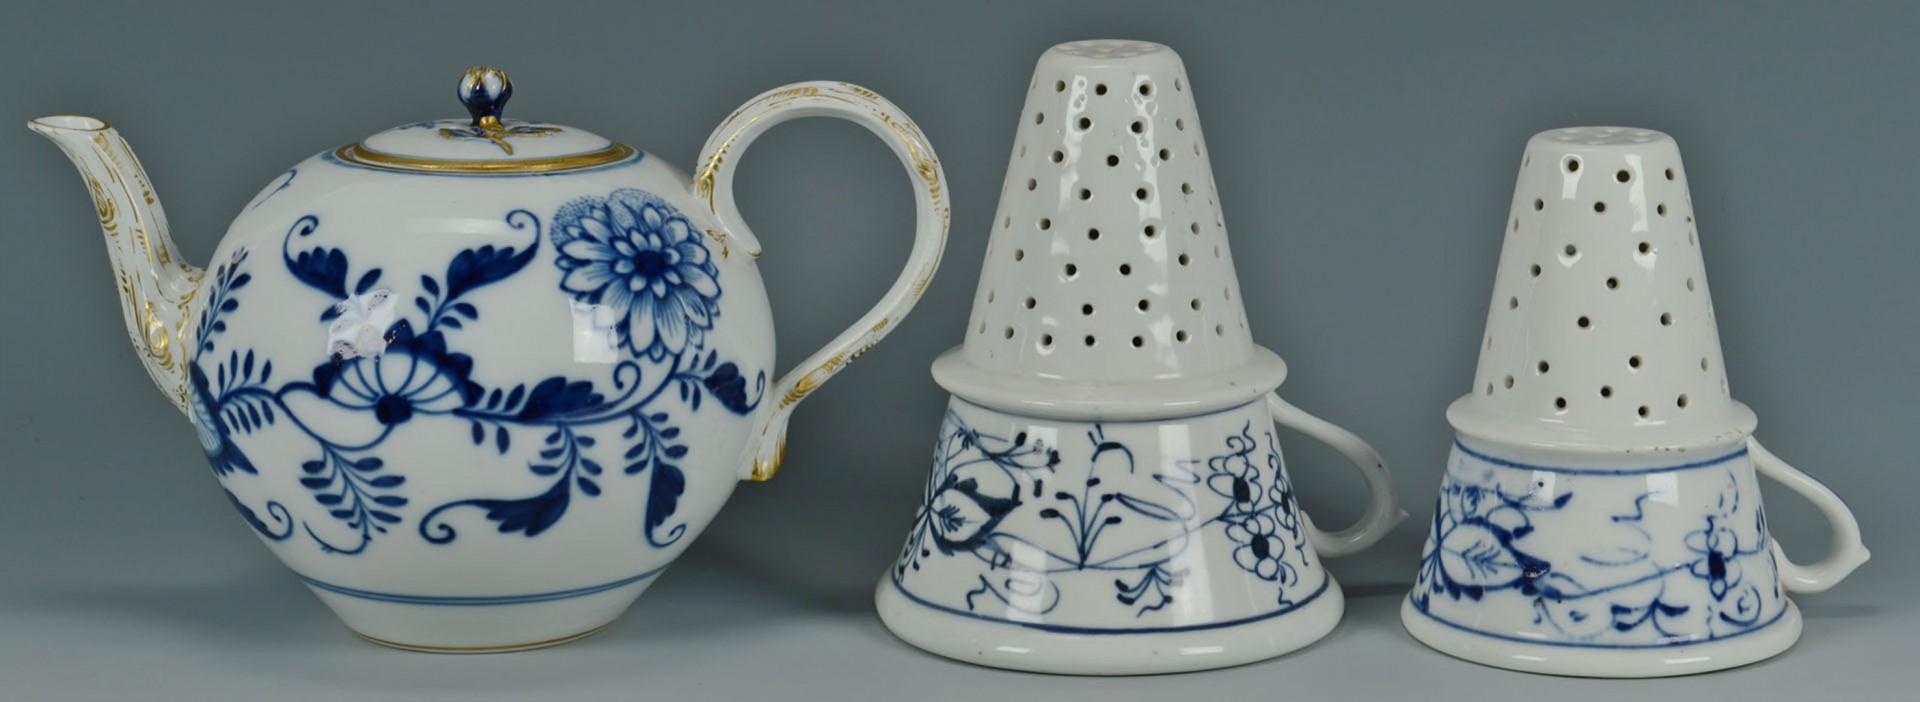 Lot 2872331: 2 Meissen Blue Onion Porcelain Items + 4 others